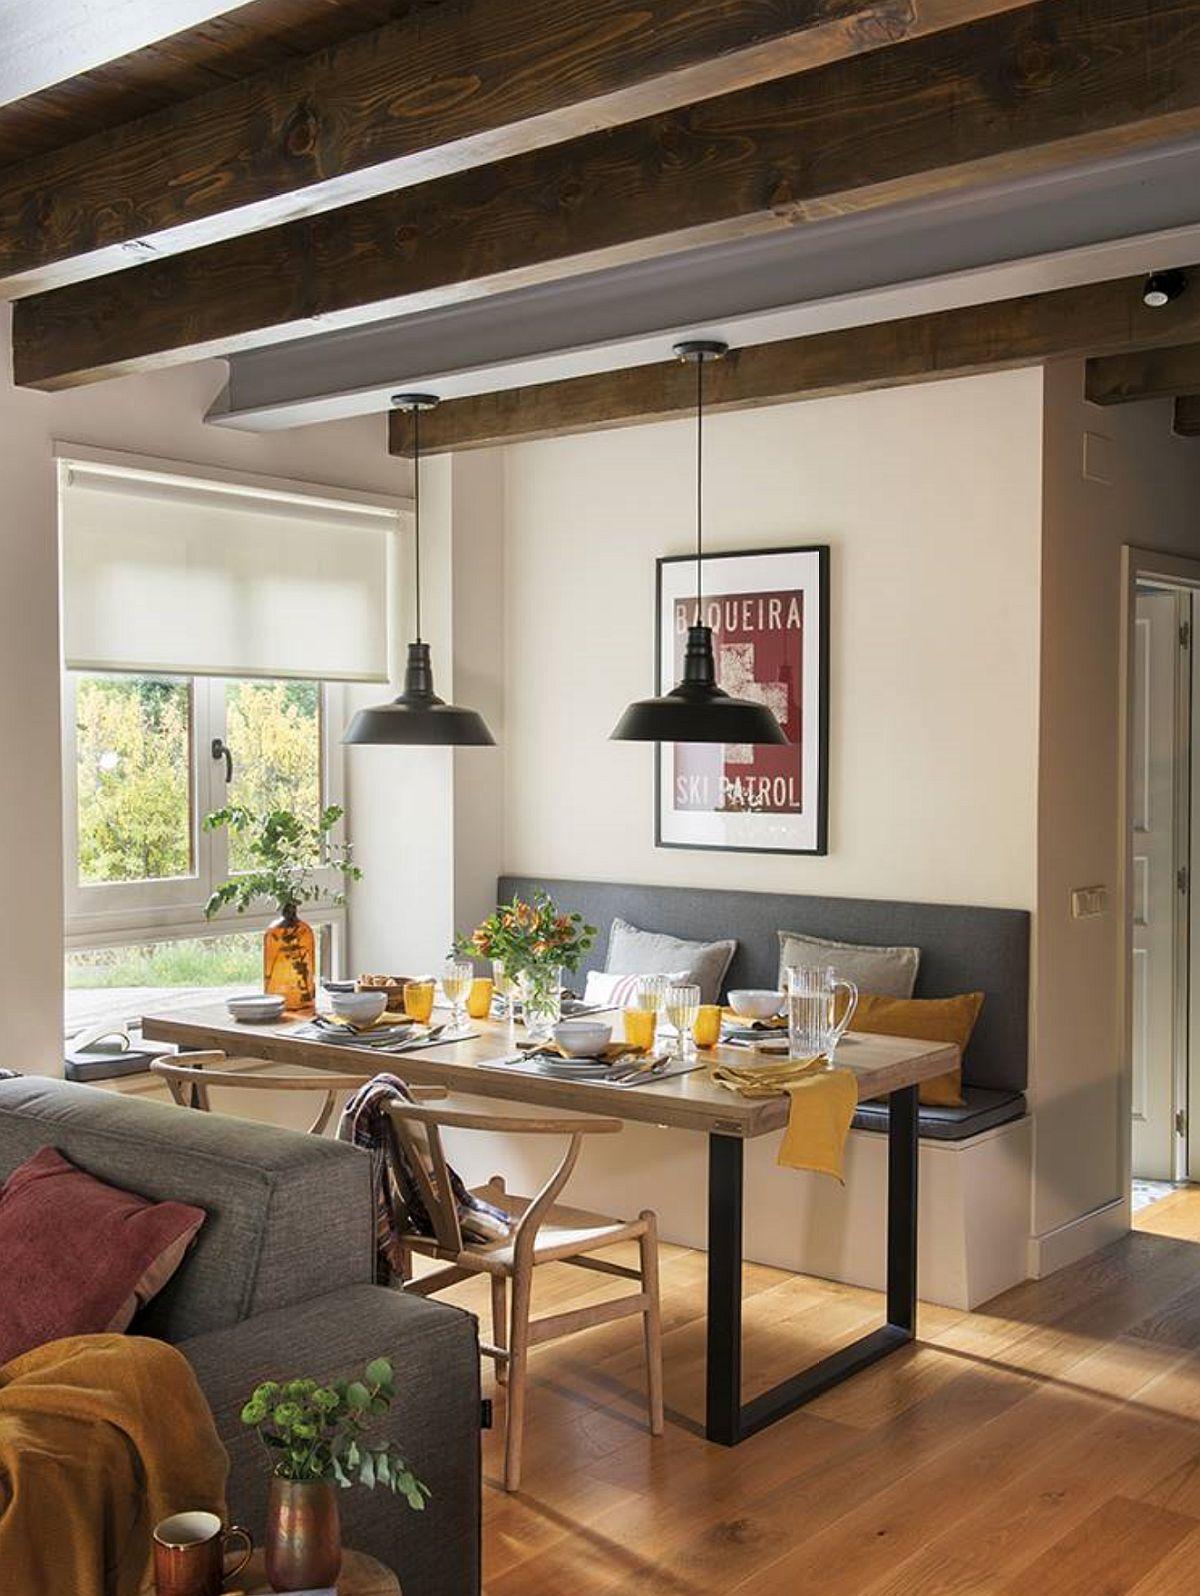 adelaparvu.com-despre-casa-de-vacanta-cu-lemn-de-castan-Pirinei-designer-Juanma-Alfonso-Luderna-Design-Foto-ElMueble 20 (2)